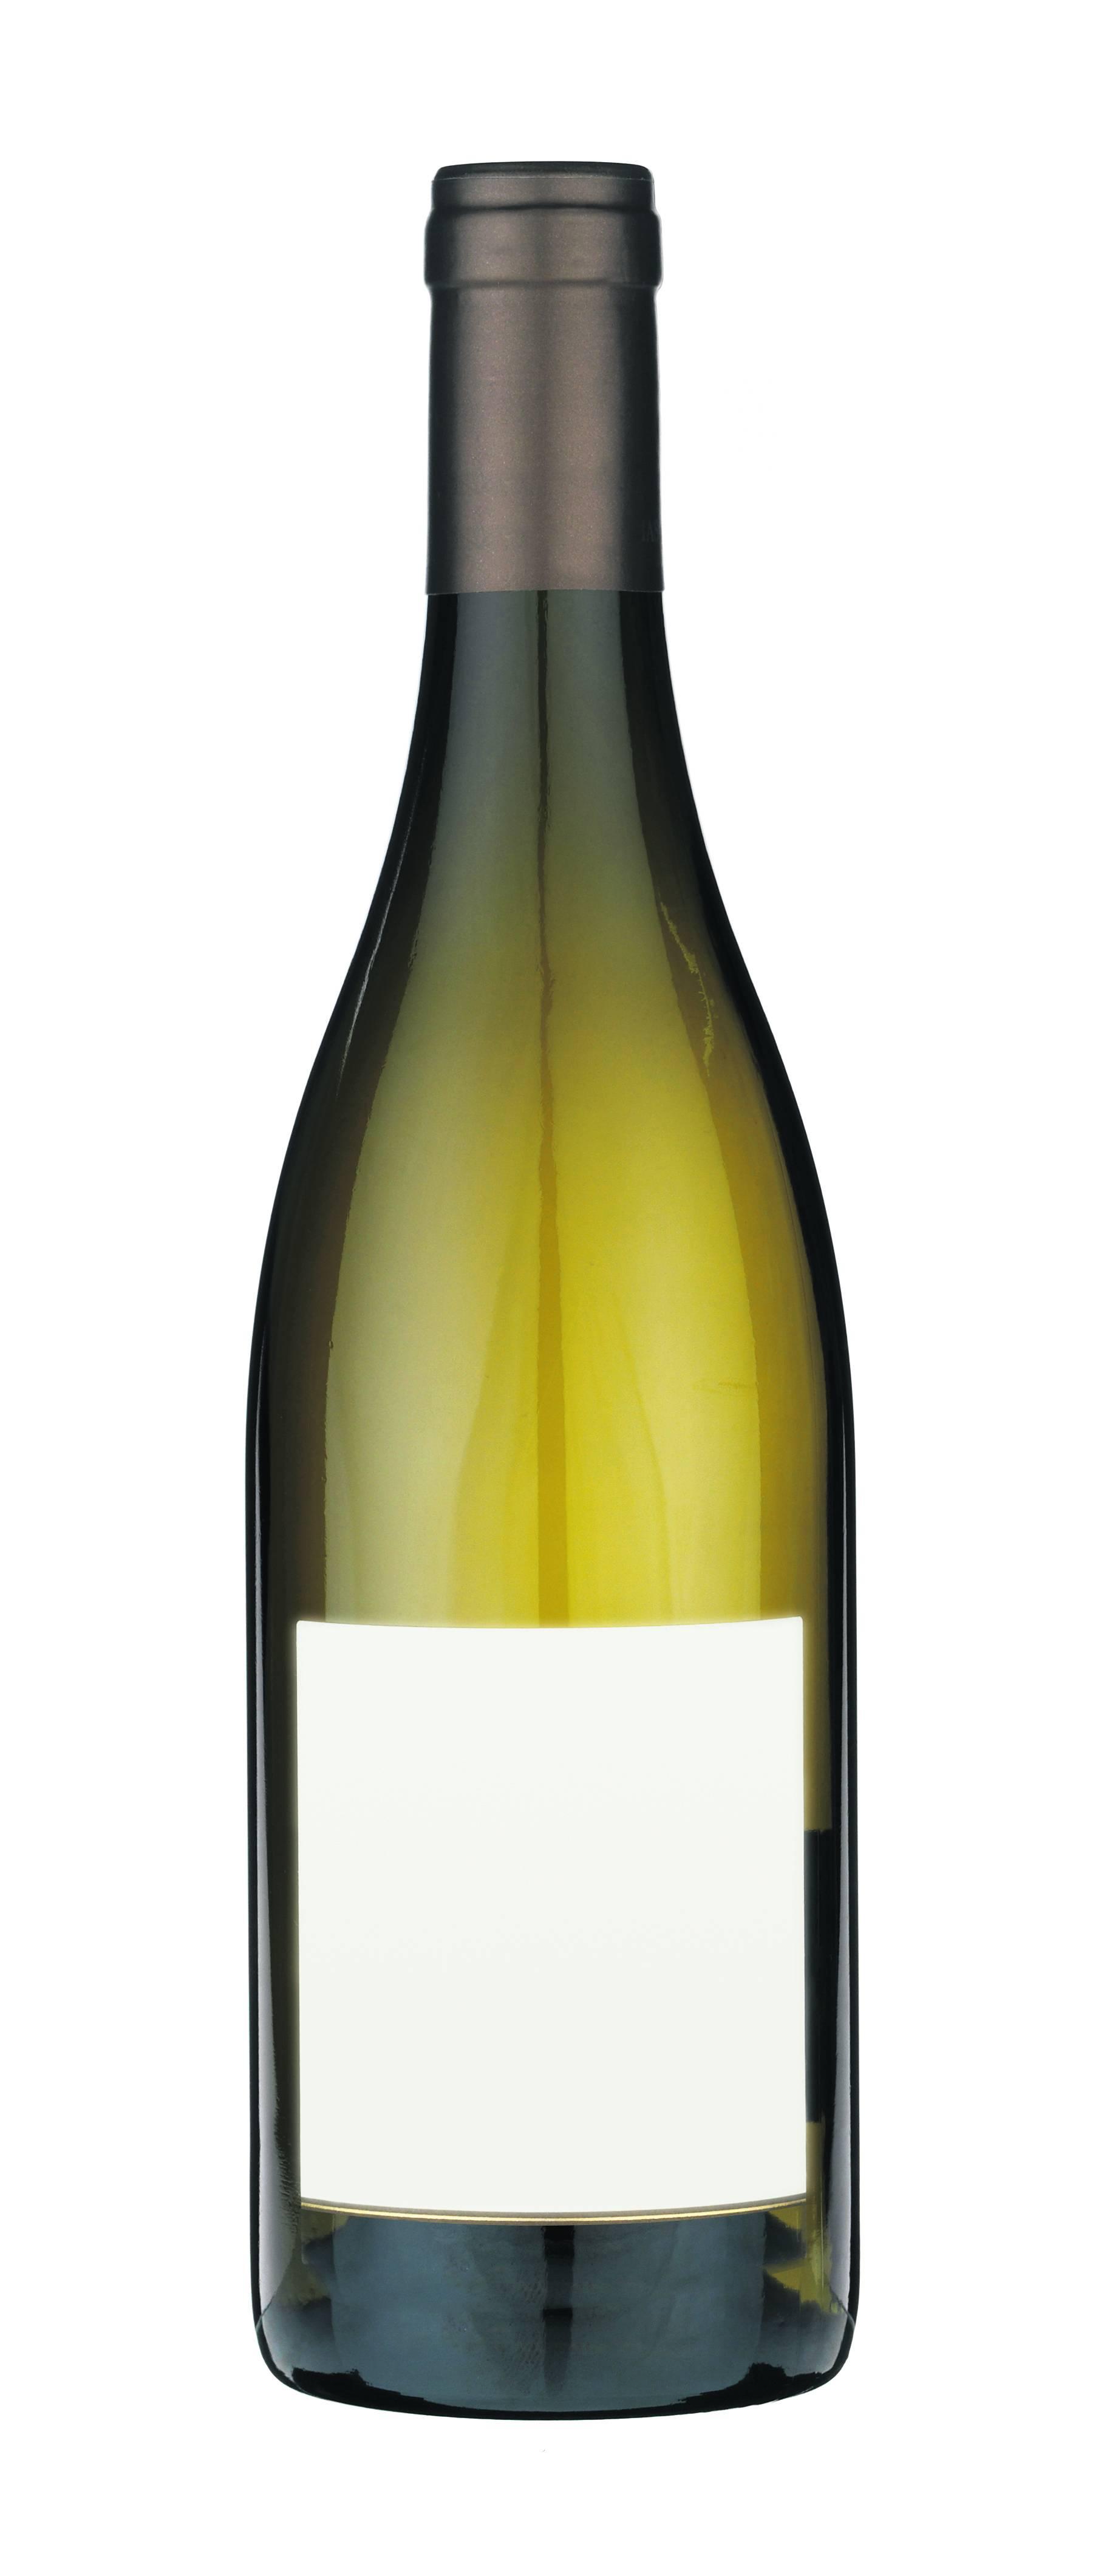 Weinverkauf: Weine von der Mosel gibt es jetzt aus Automaten